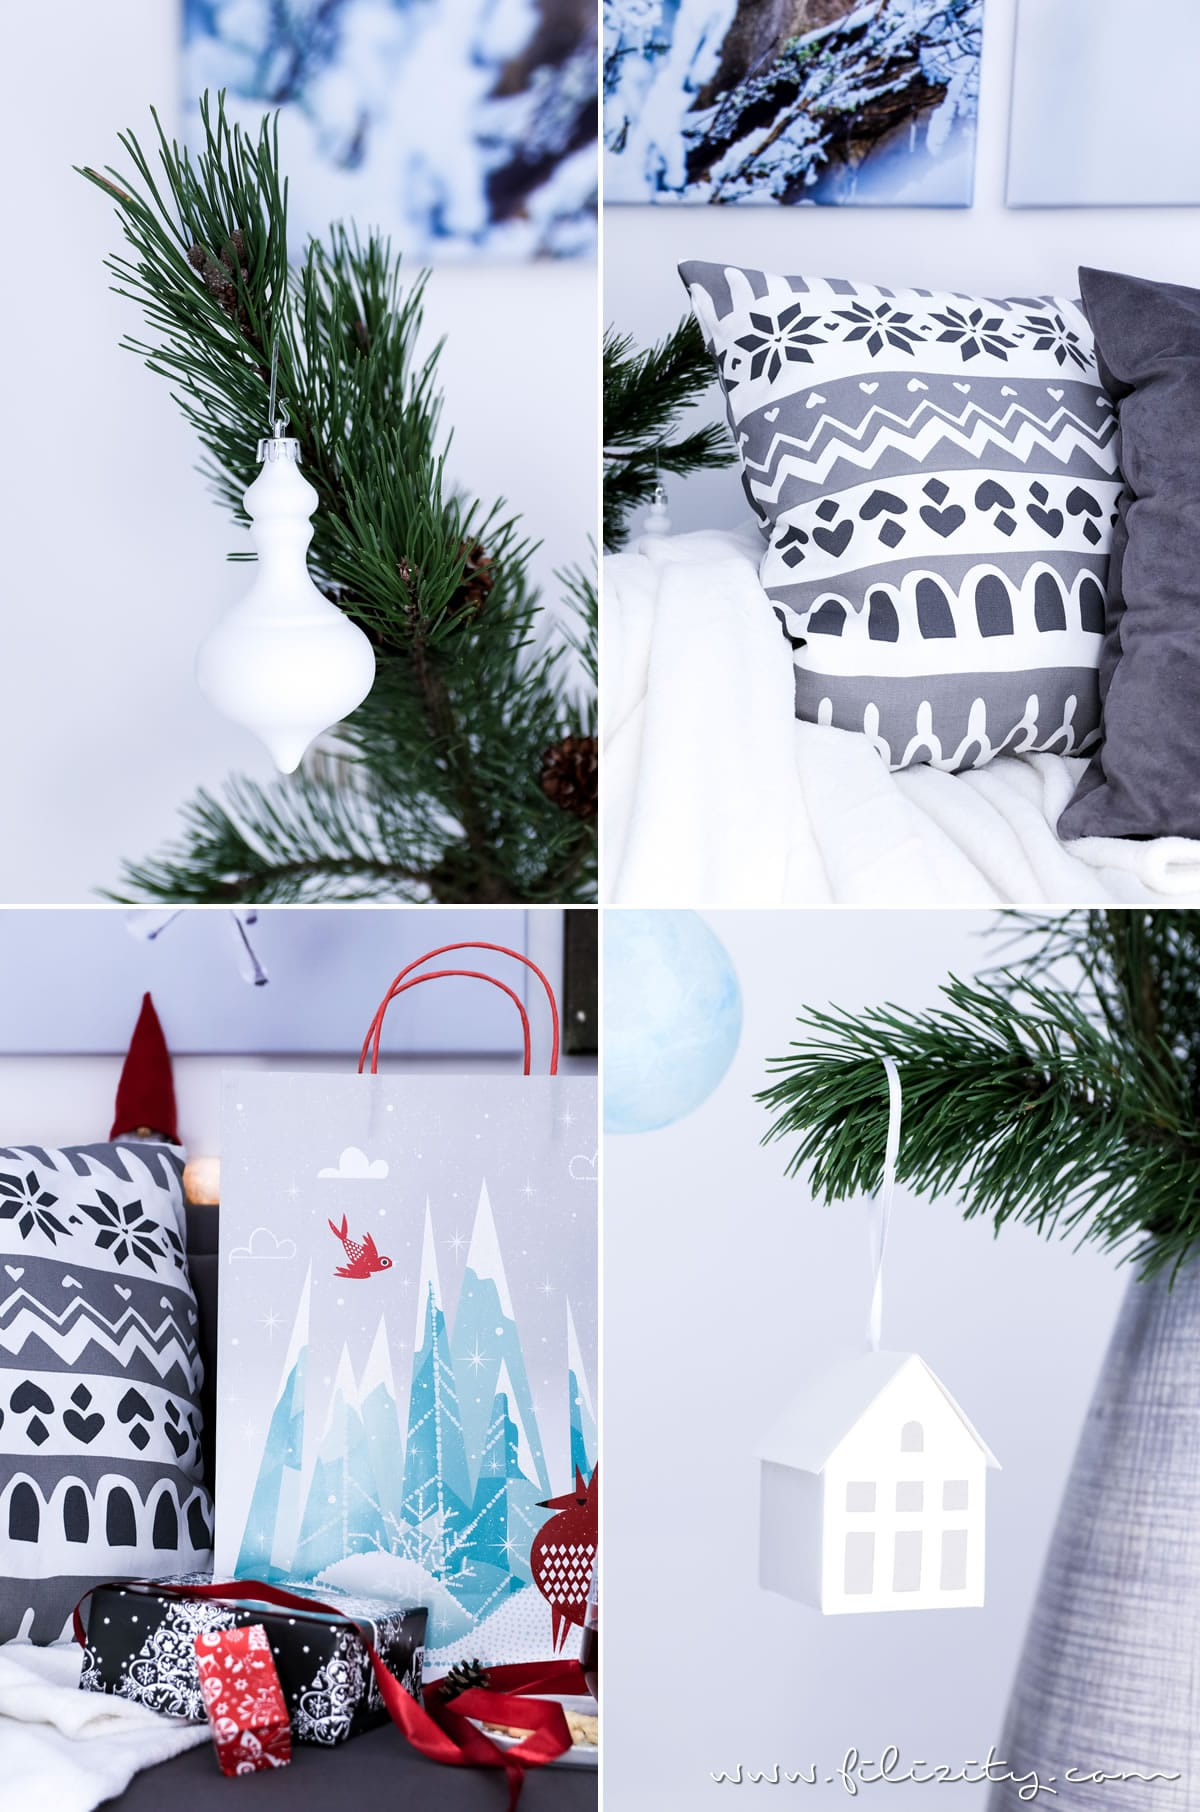 Vinter 2017: Winter- und Weihnachtsdeko von IKEA + DIY Dekokissen | Filizity.com | Interior-Blog aus dem Rheinland #vinter2017 #ikea #weihnachten